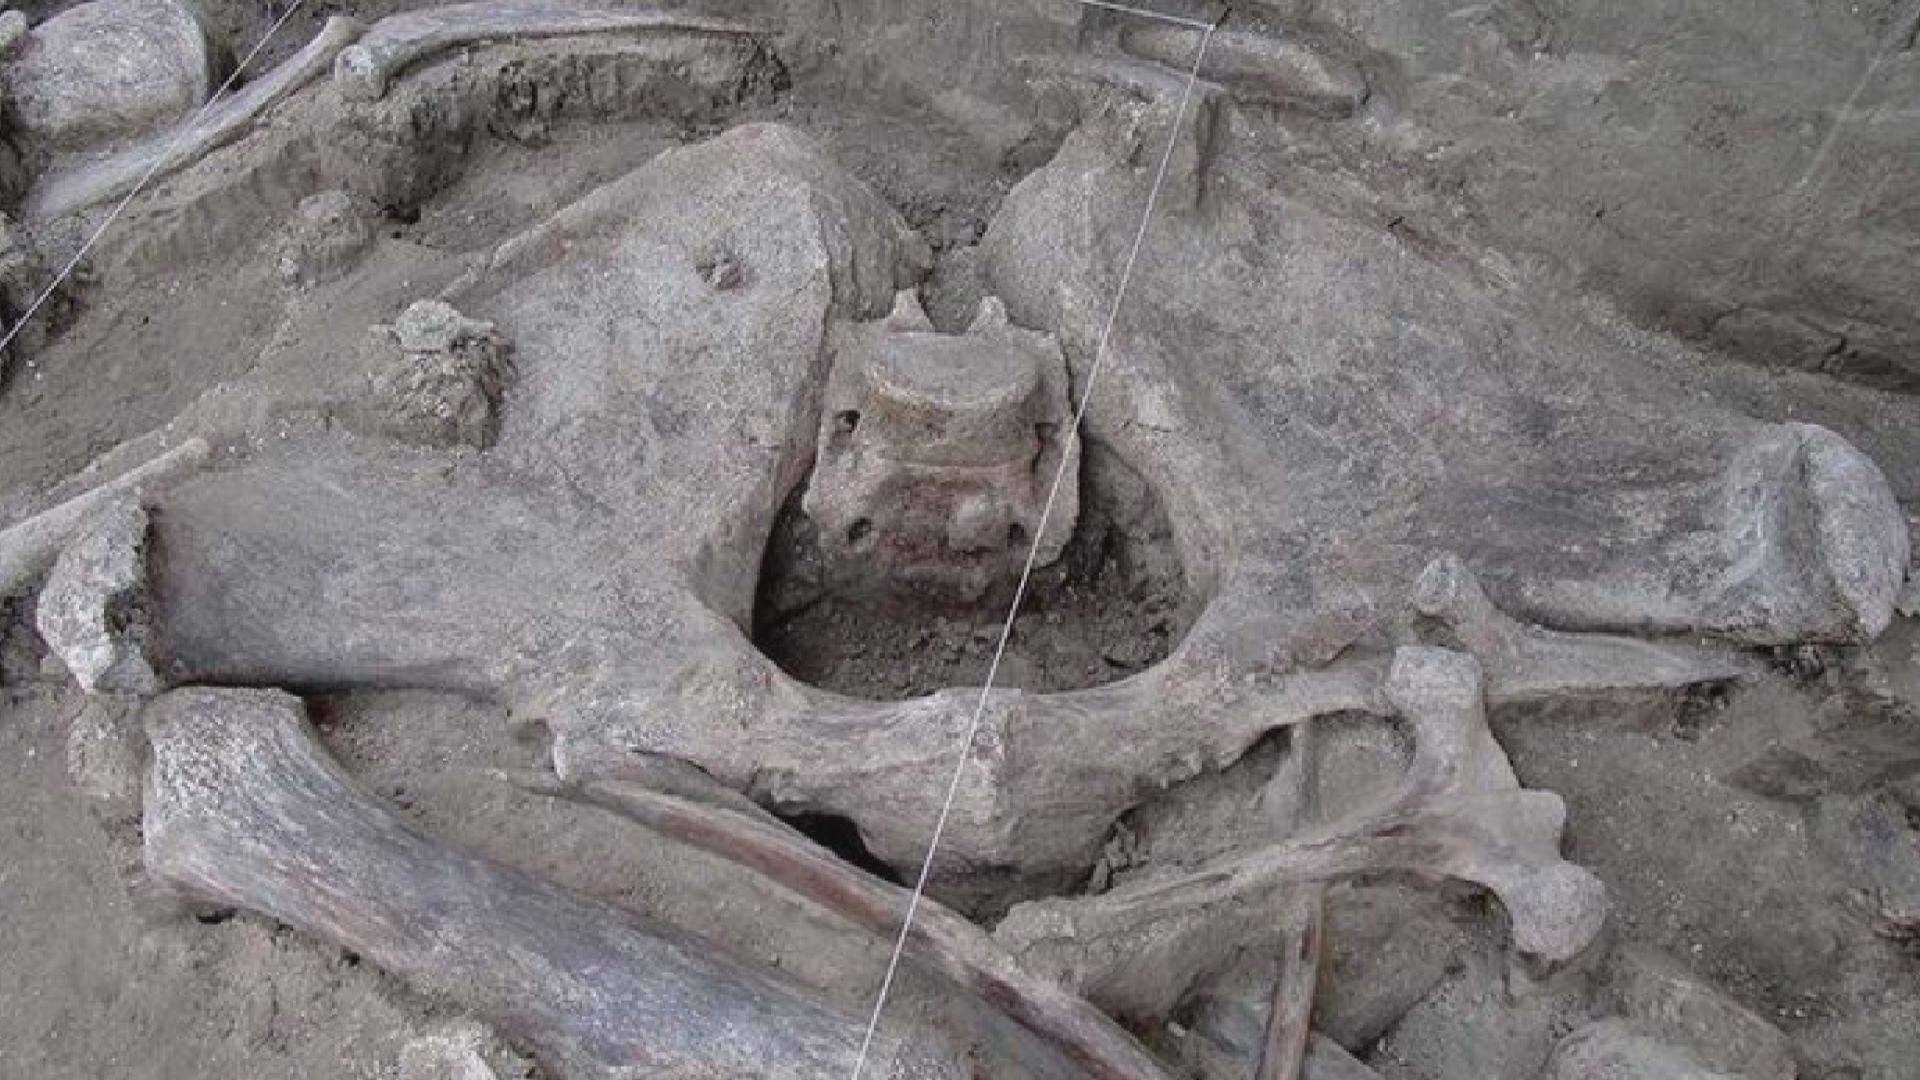 【環球薈報】考古學家發現首個人類捕捉長毛象陷阱